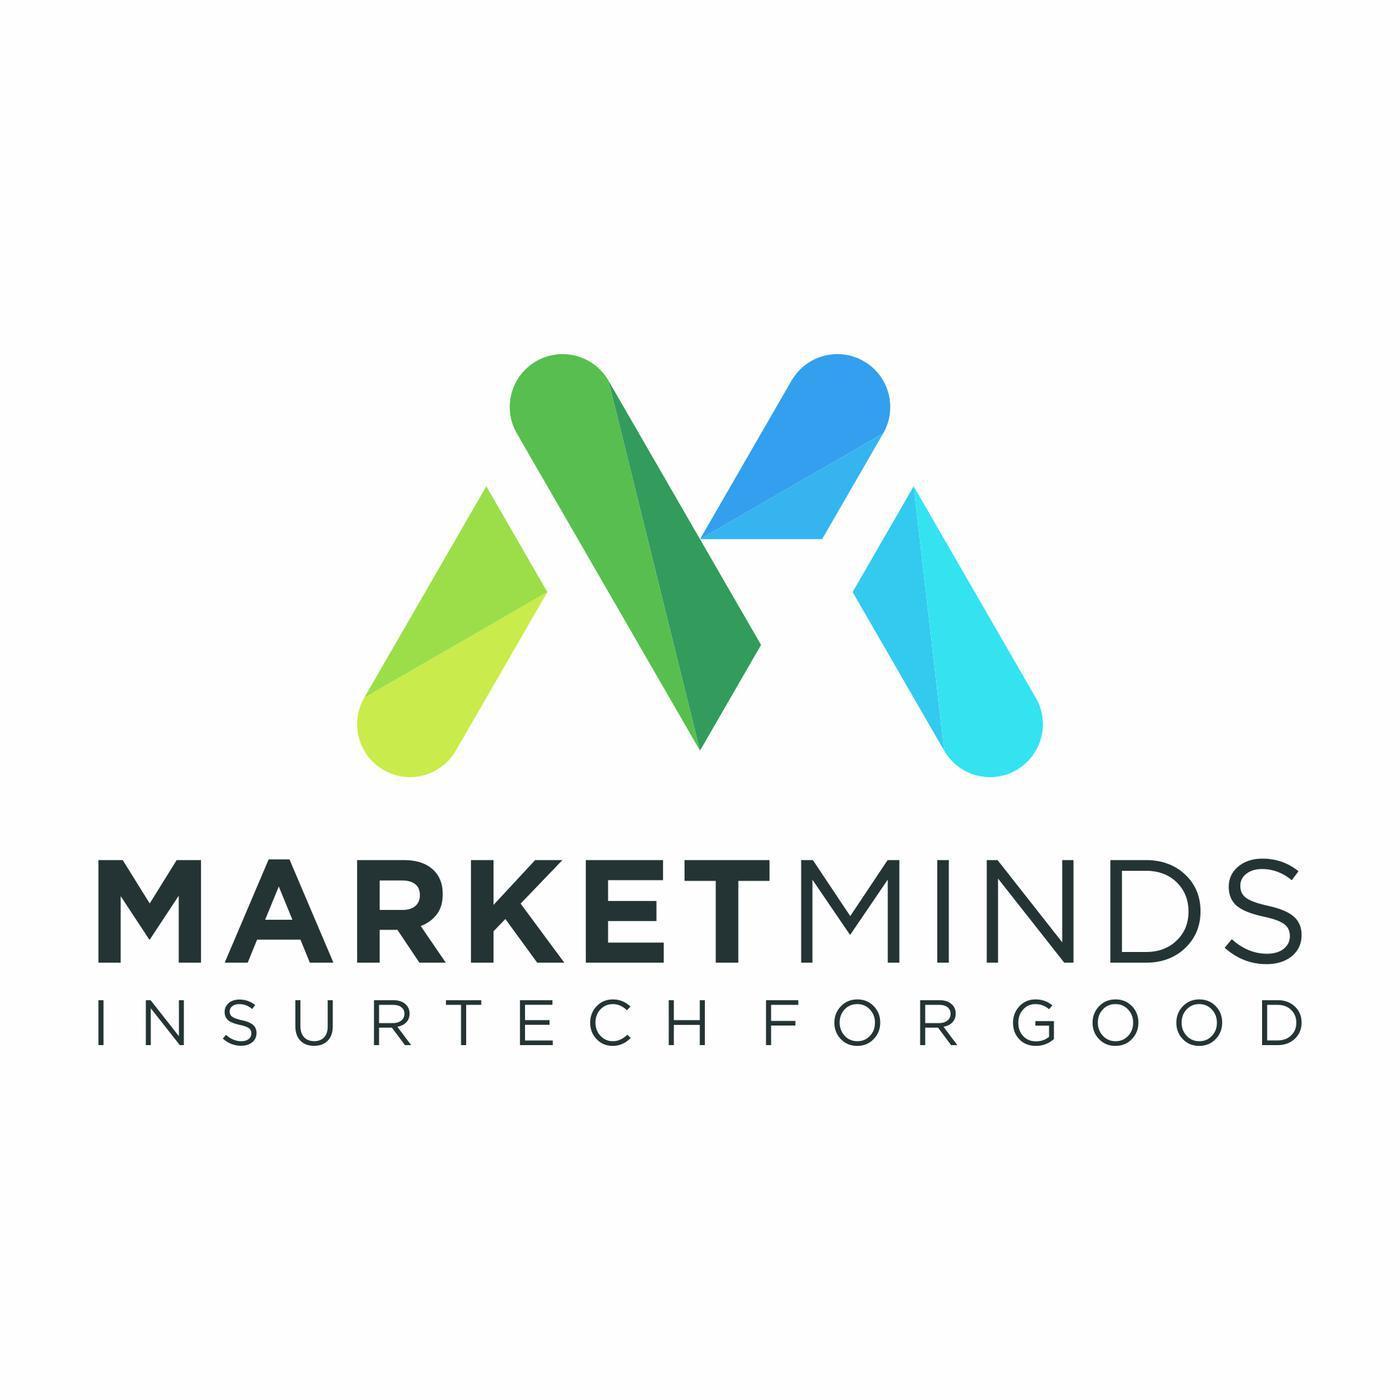 marketminds